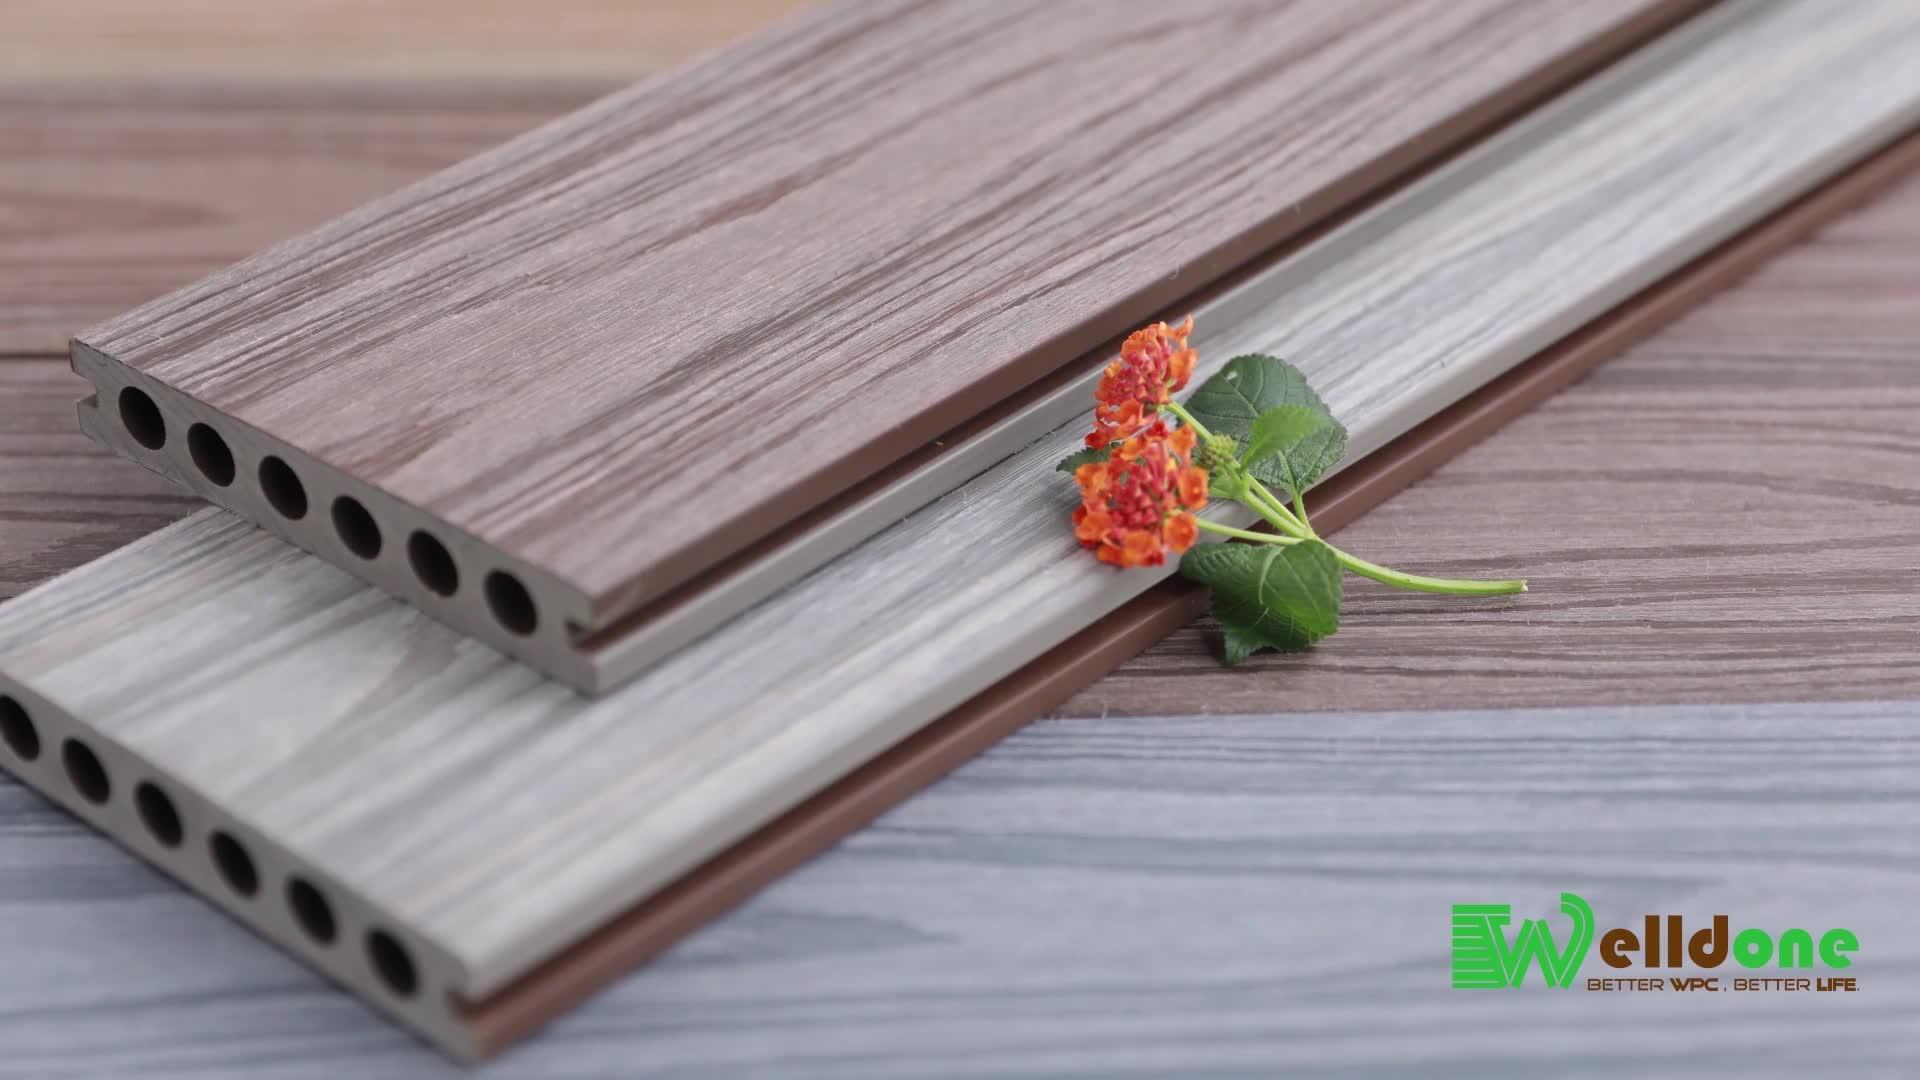 Anti-uv ontworpen teak hout fabriek prijs HDPE WPC composiet terrasplanken voor outdoor vloeren